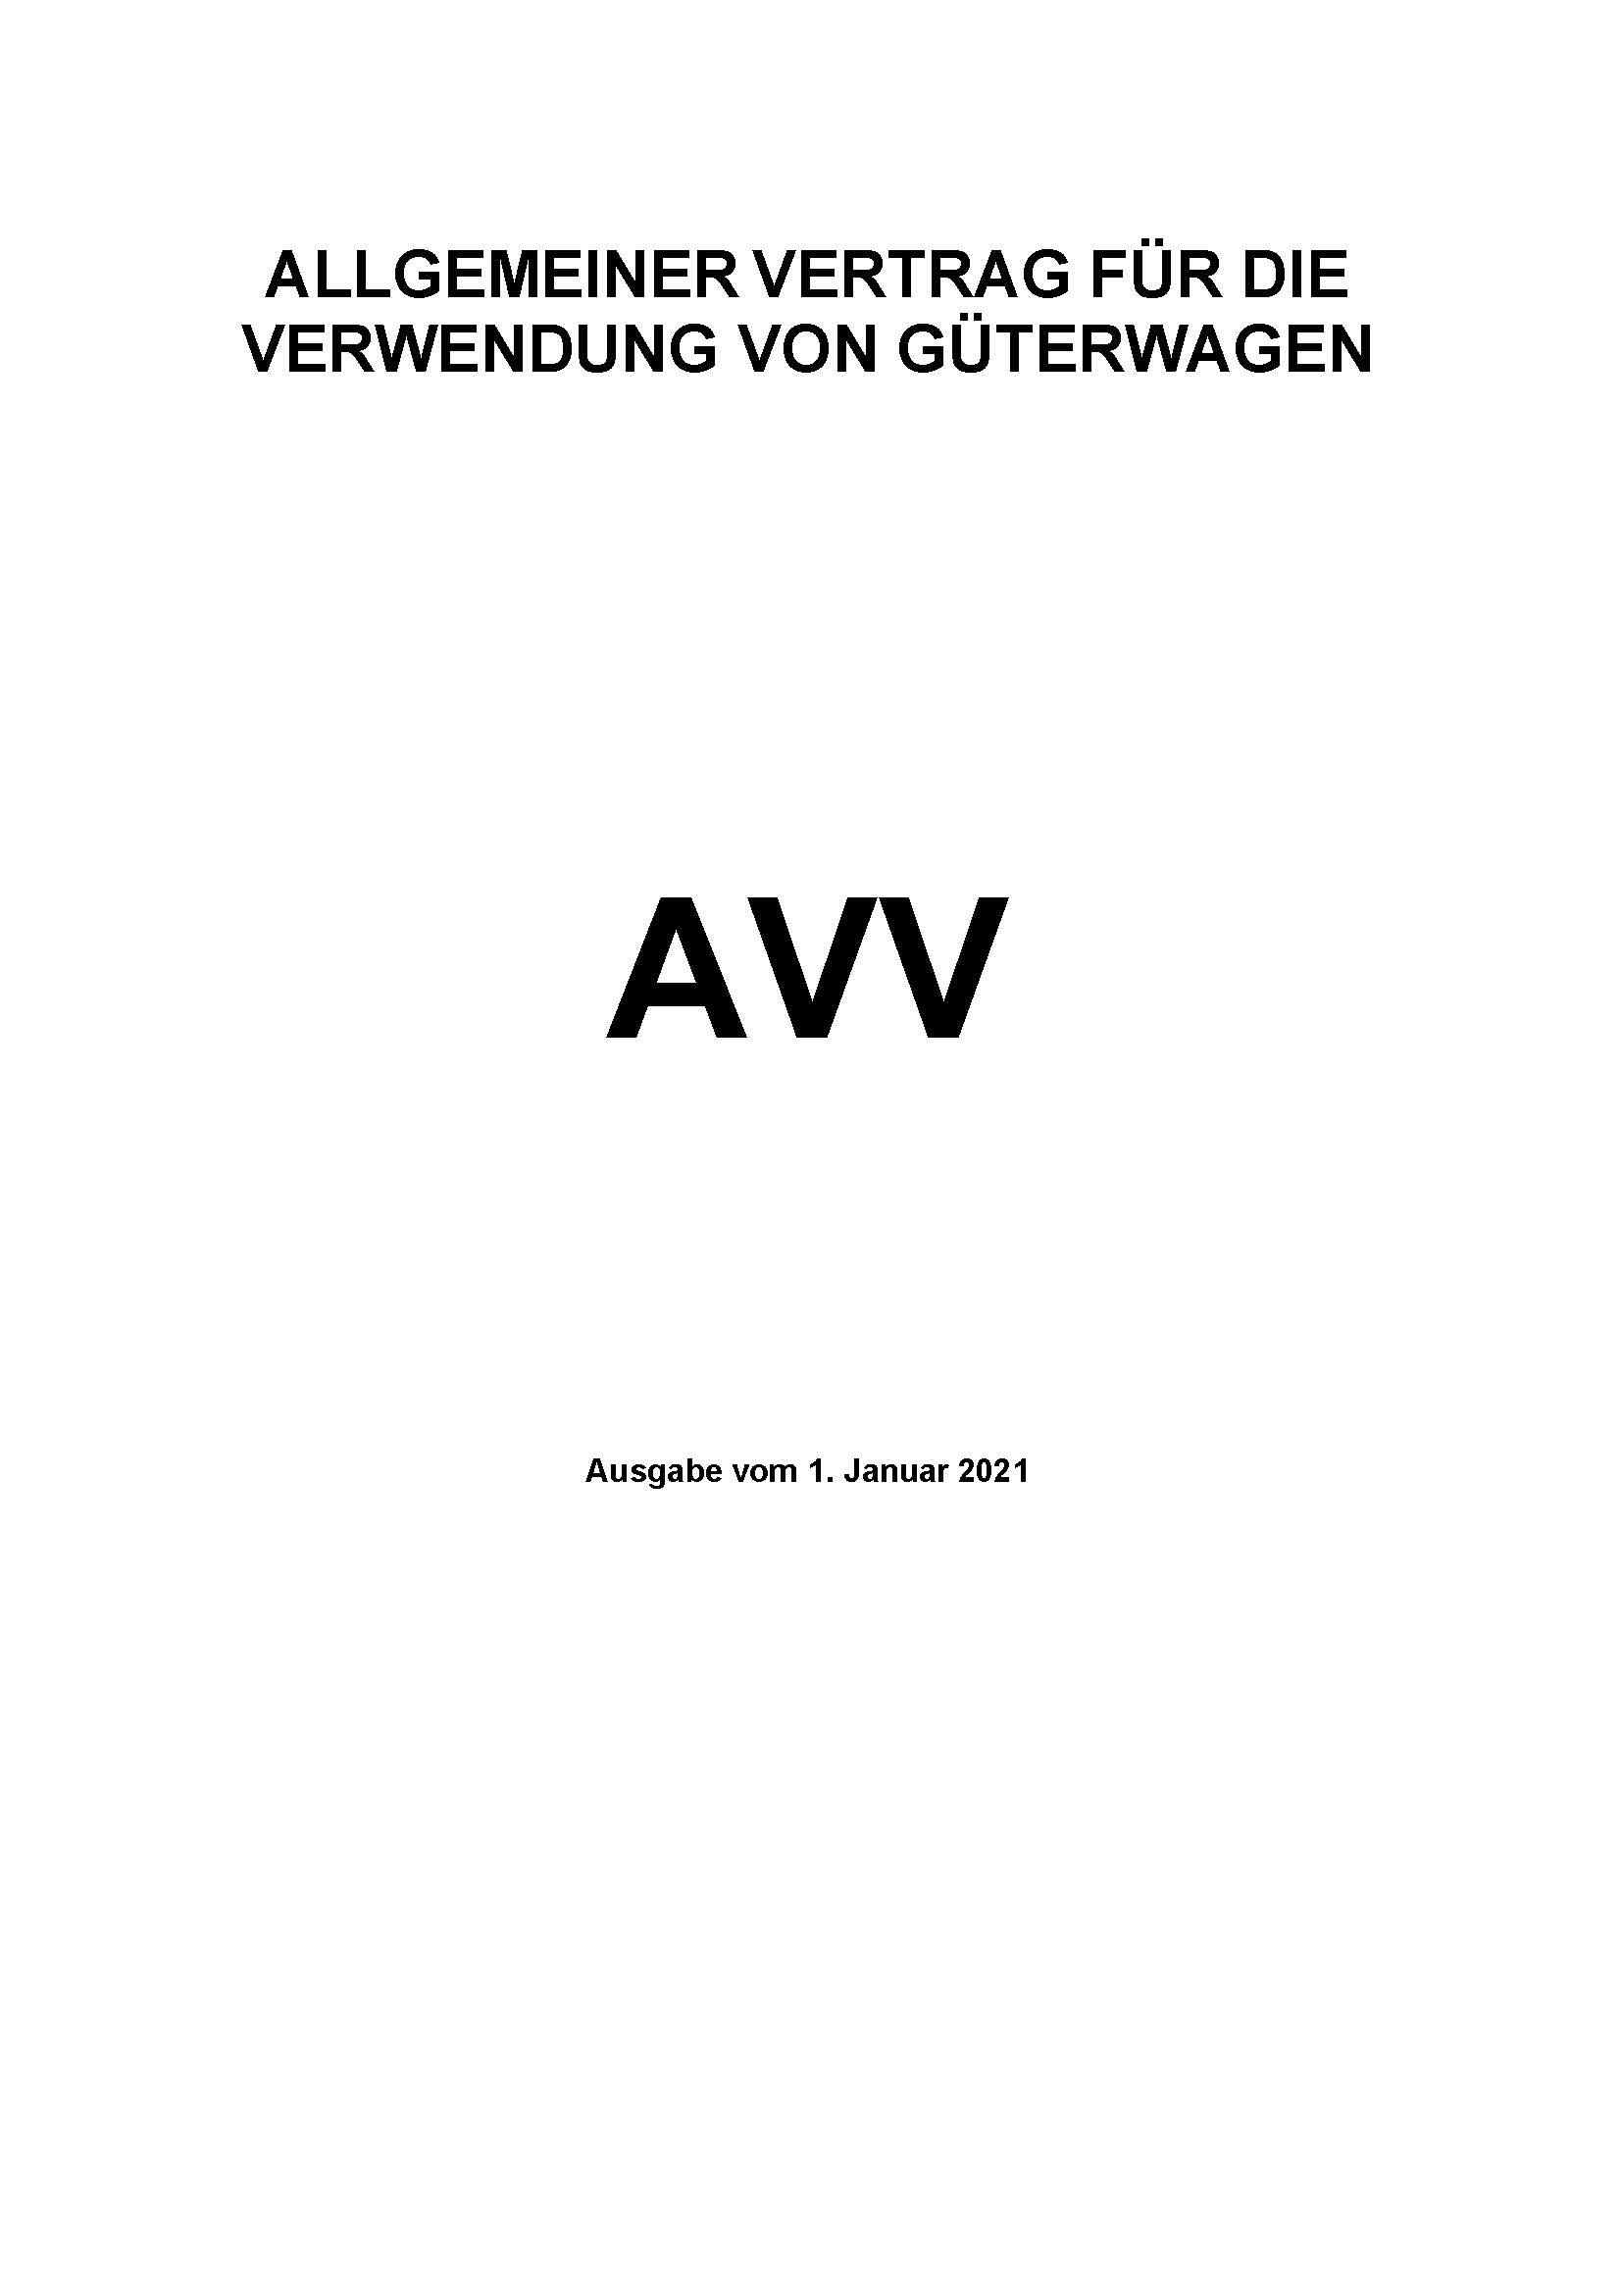 Downloads - Das Bild zeigt den aktuellen Vertrag für die Verwendung von Güterwagen. Stand Januar 2020.